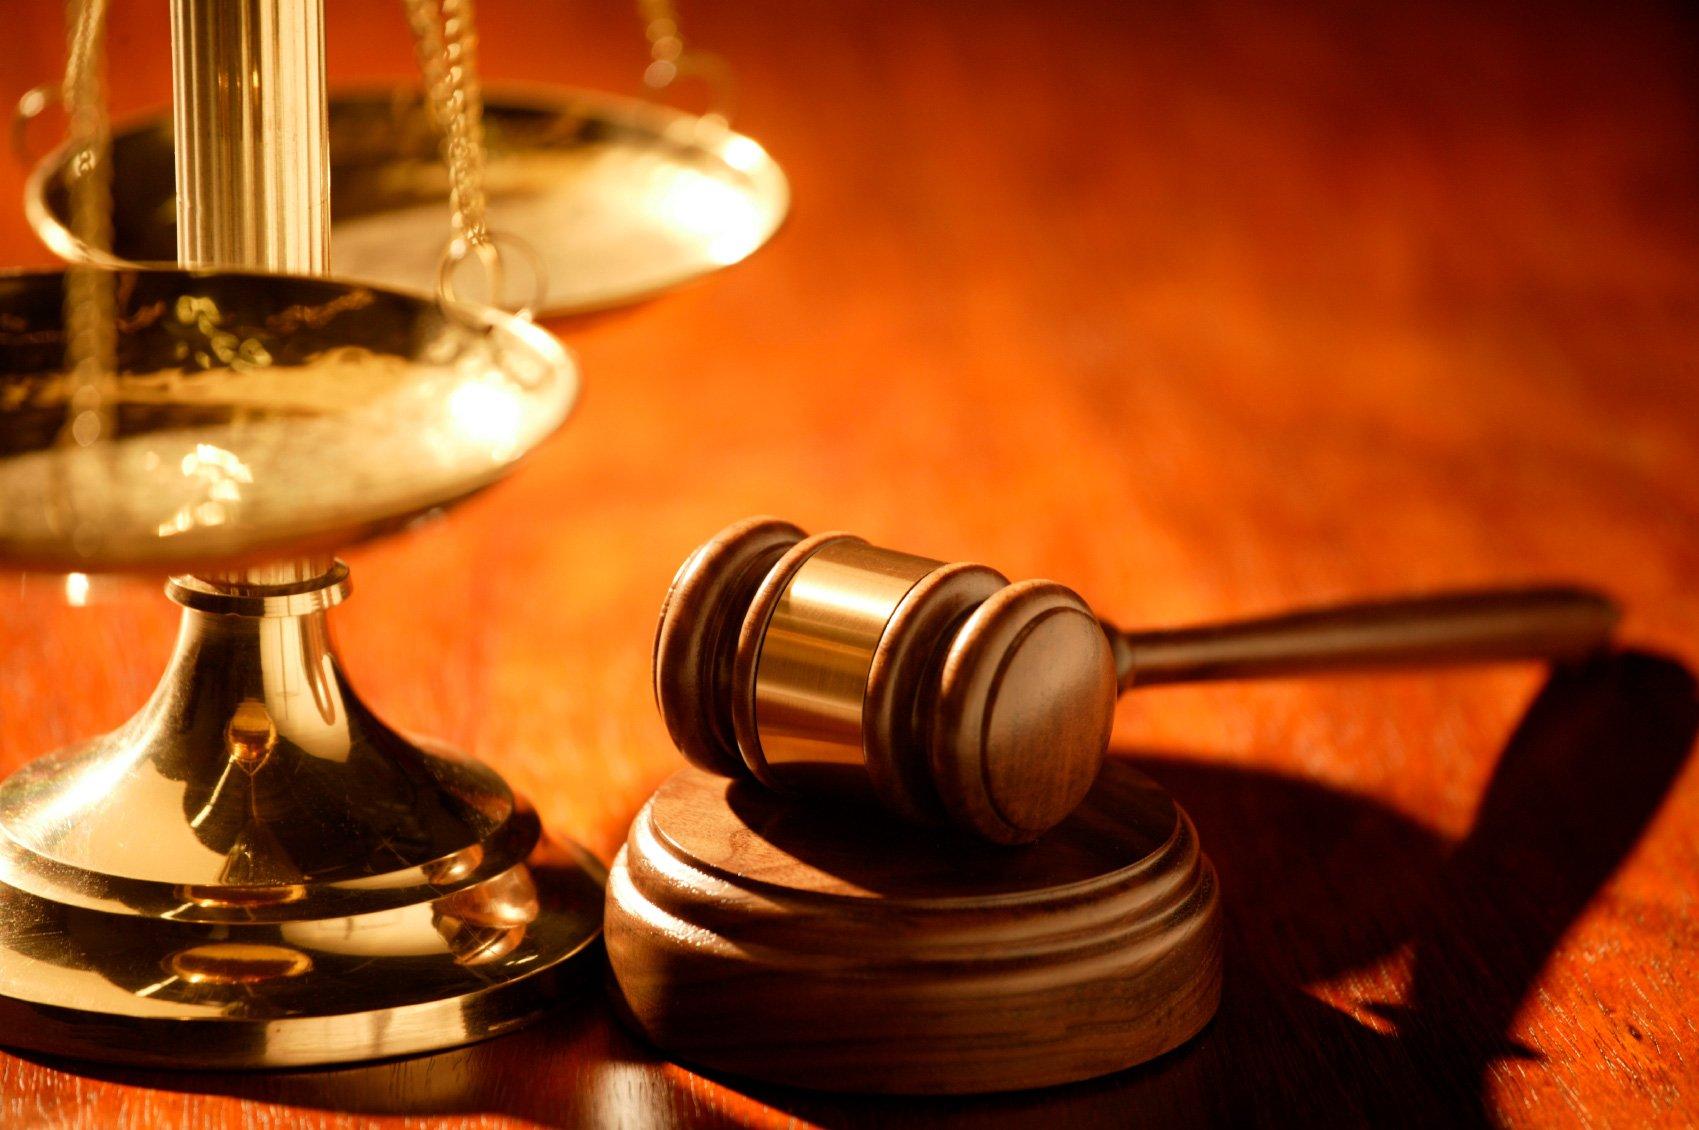 Женщина-бармен, избившая посетителя до смерти, приговорена к аресту в Коломне